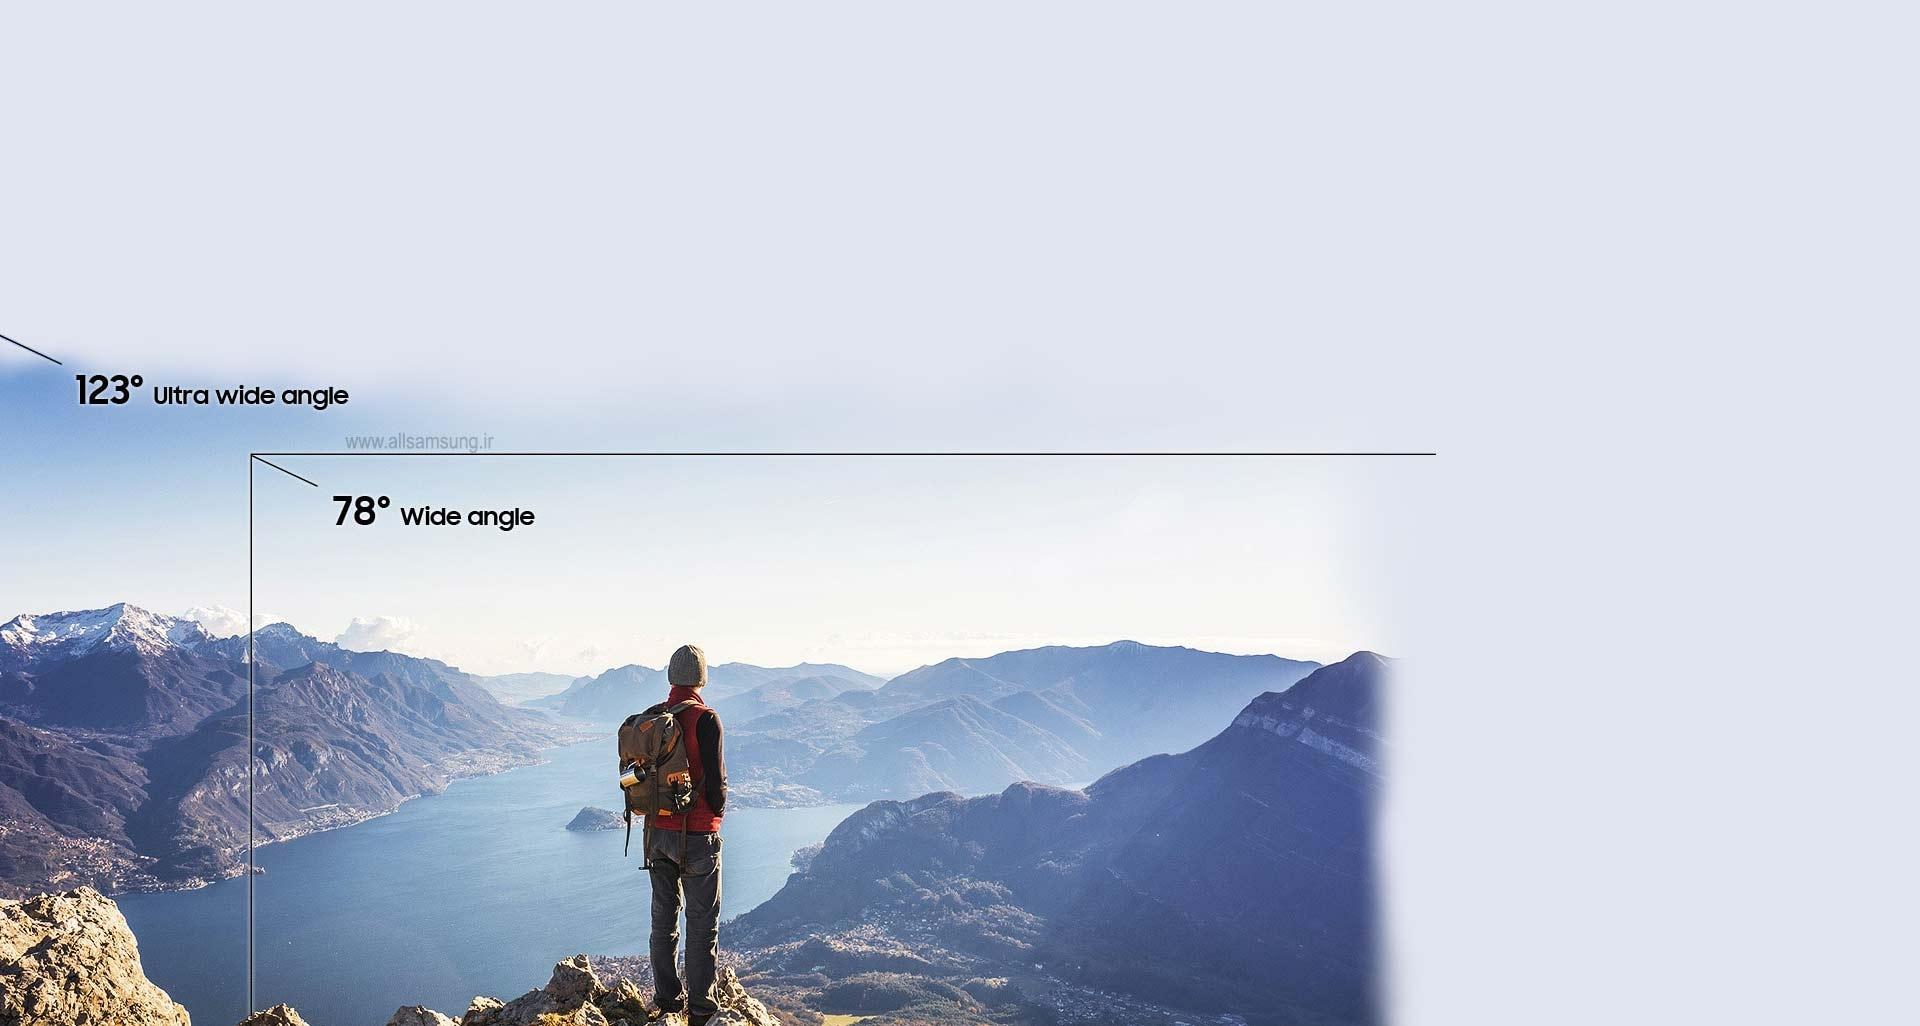 گوشی A70 سامسونگ با دوربین فوق گسترده و عکس های استثنایی